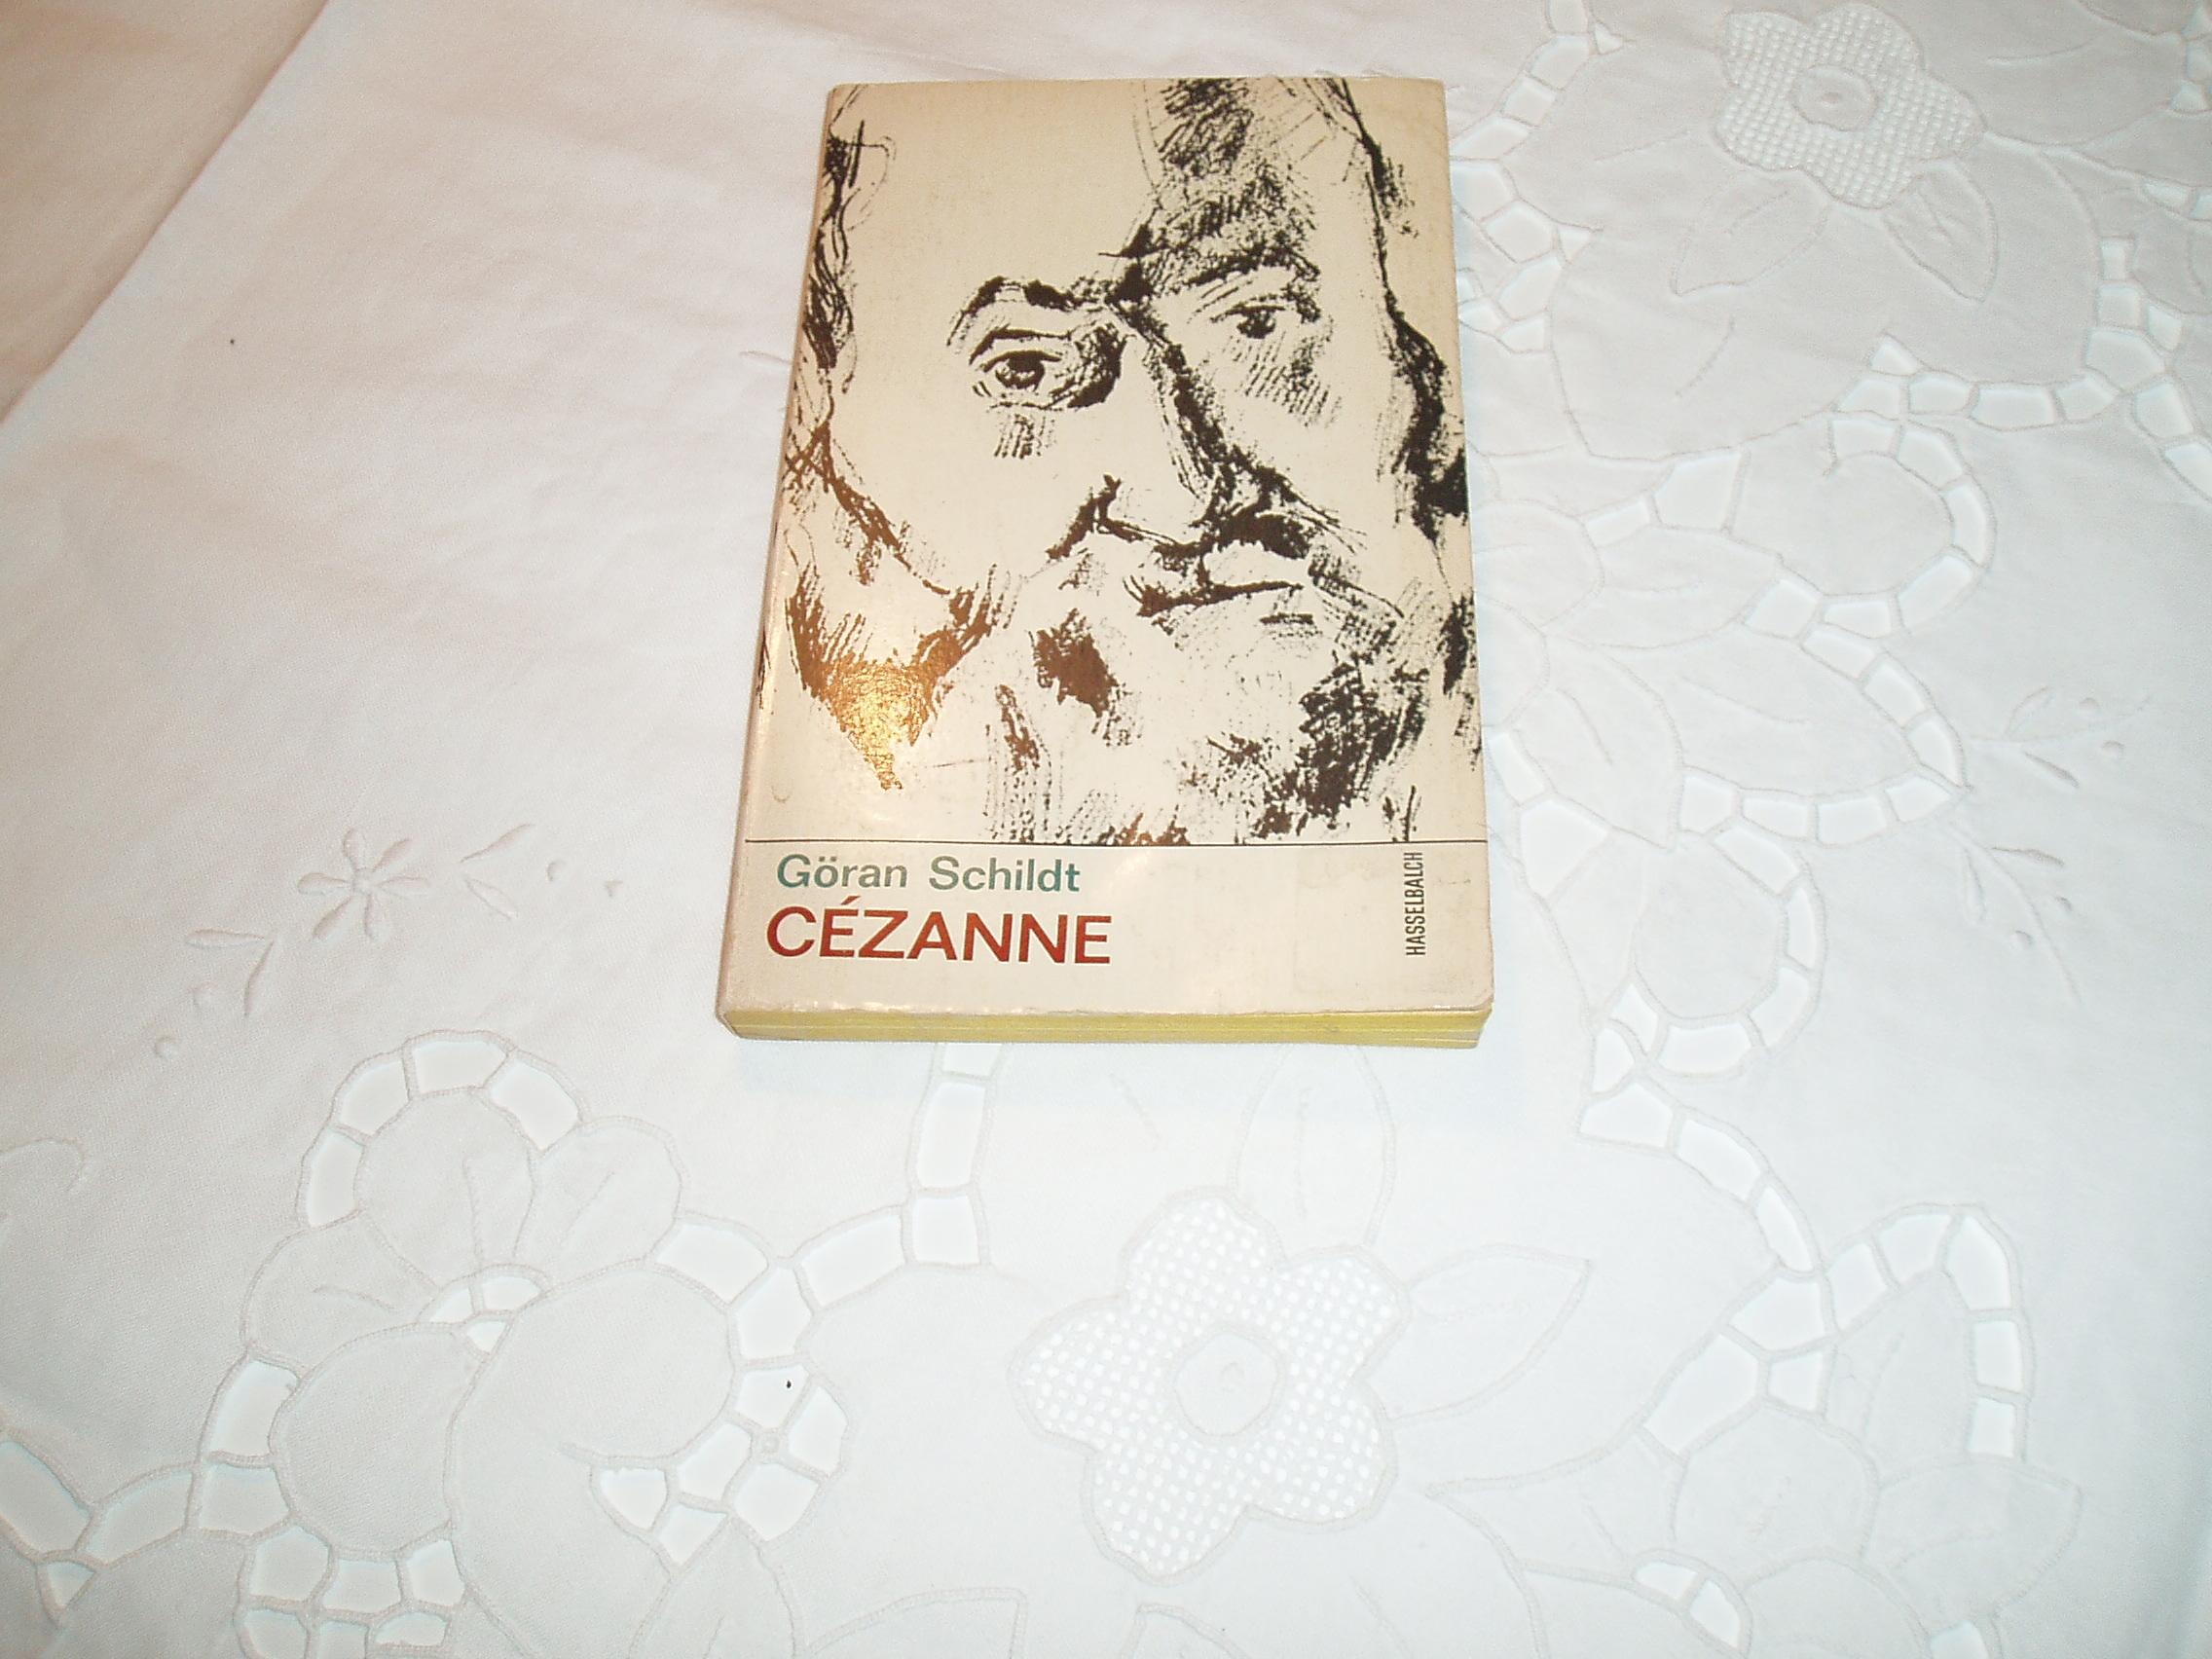 Cézanne. Første udgave på dansk